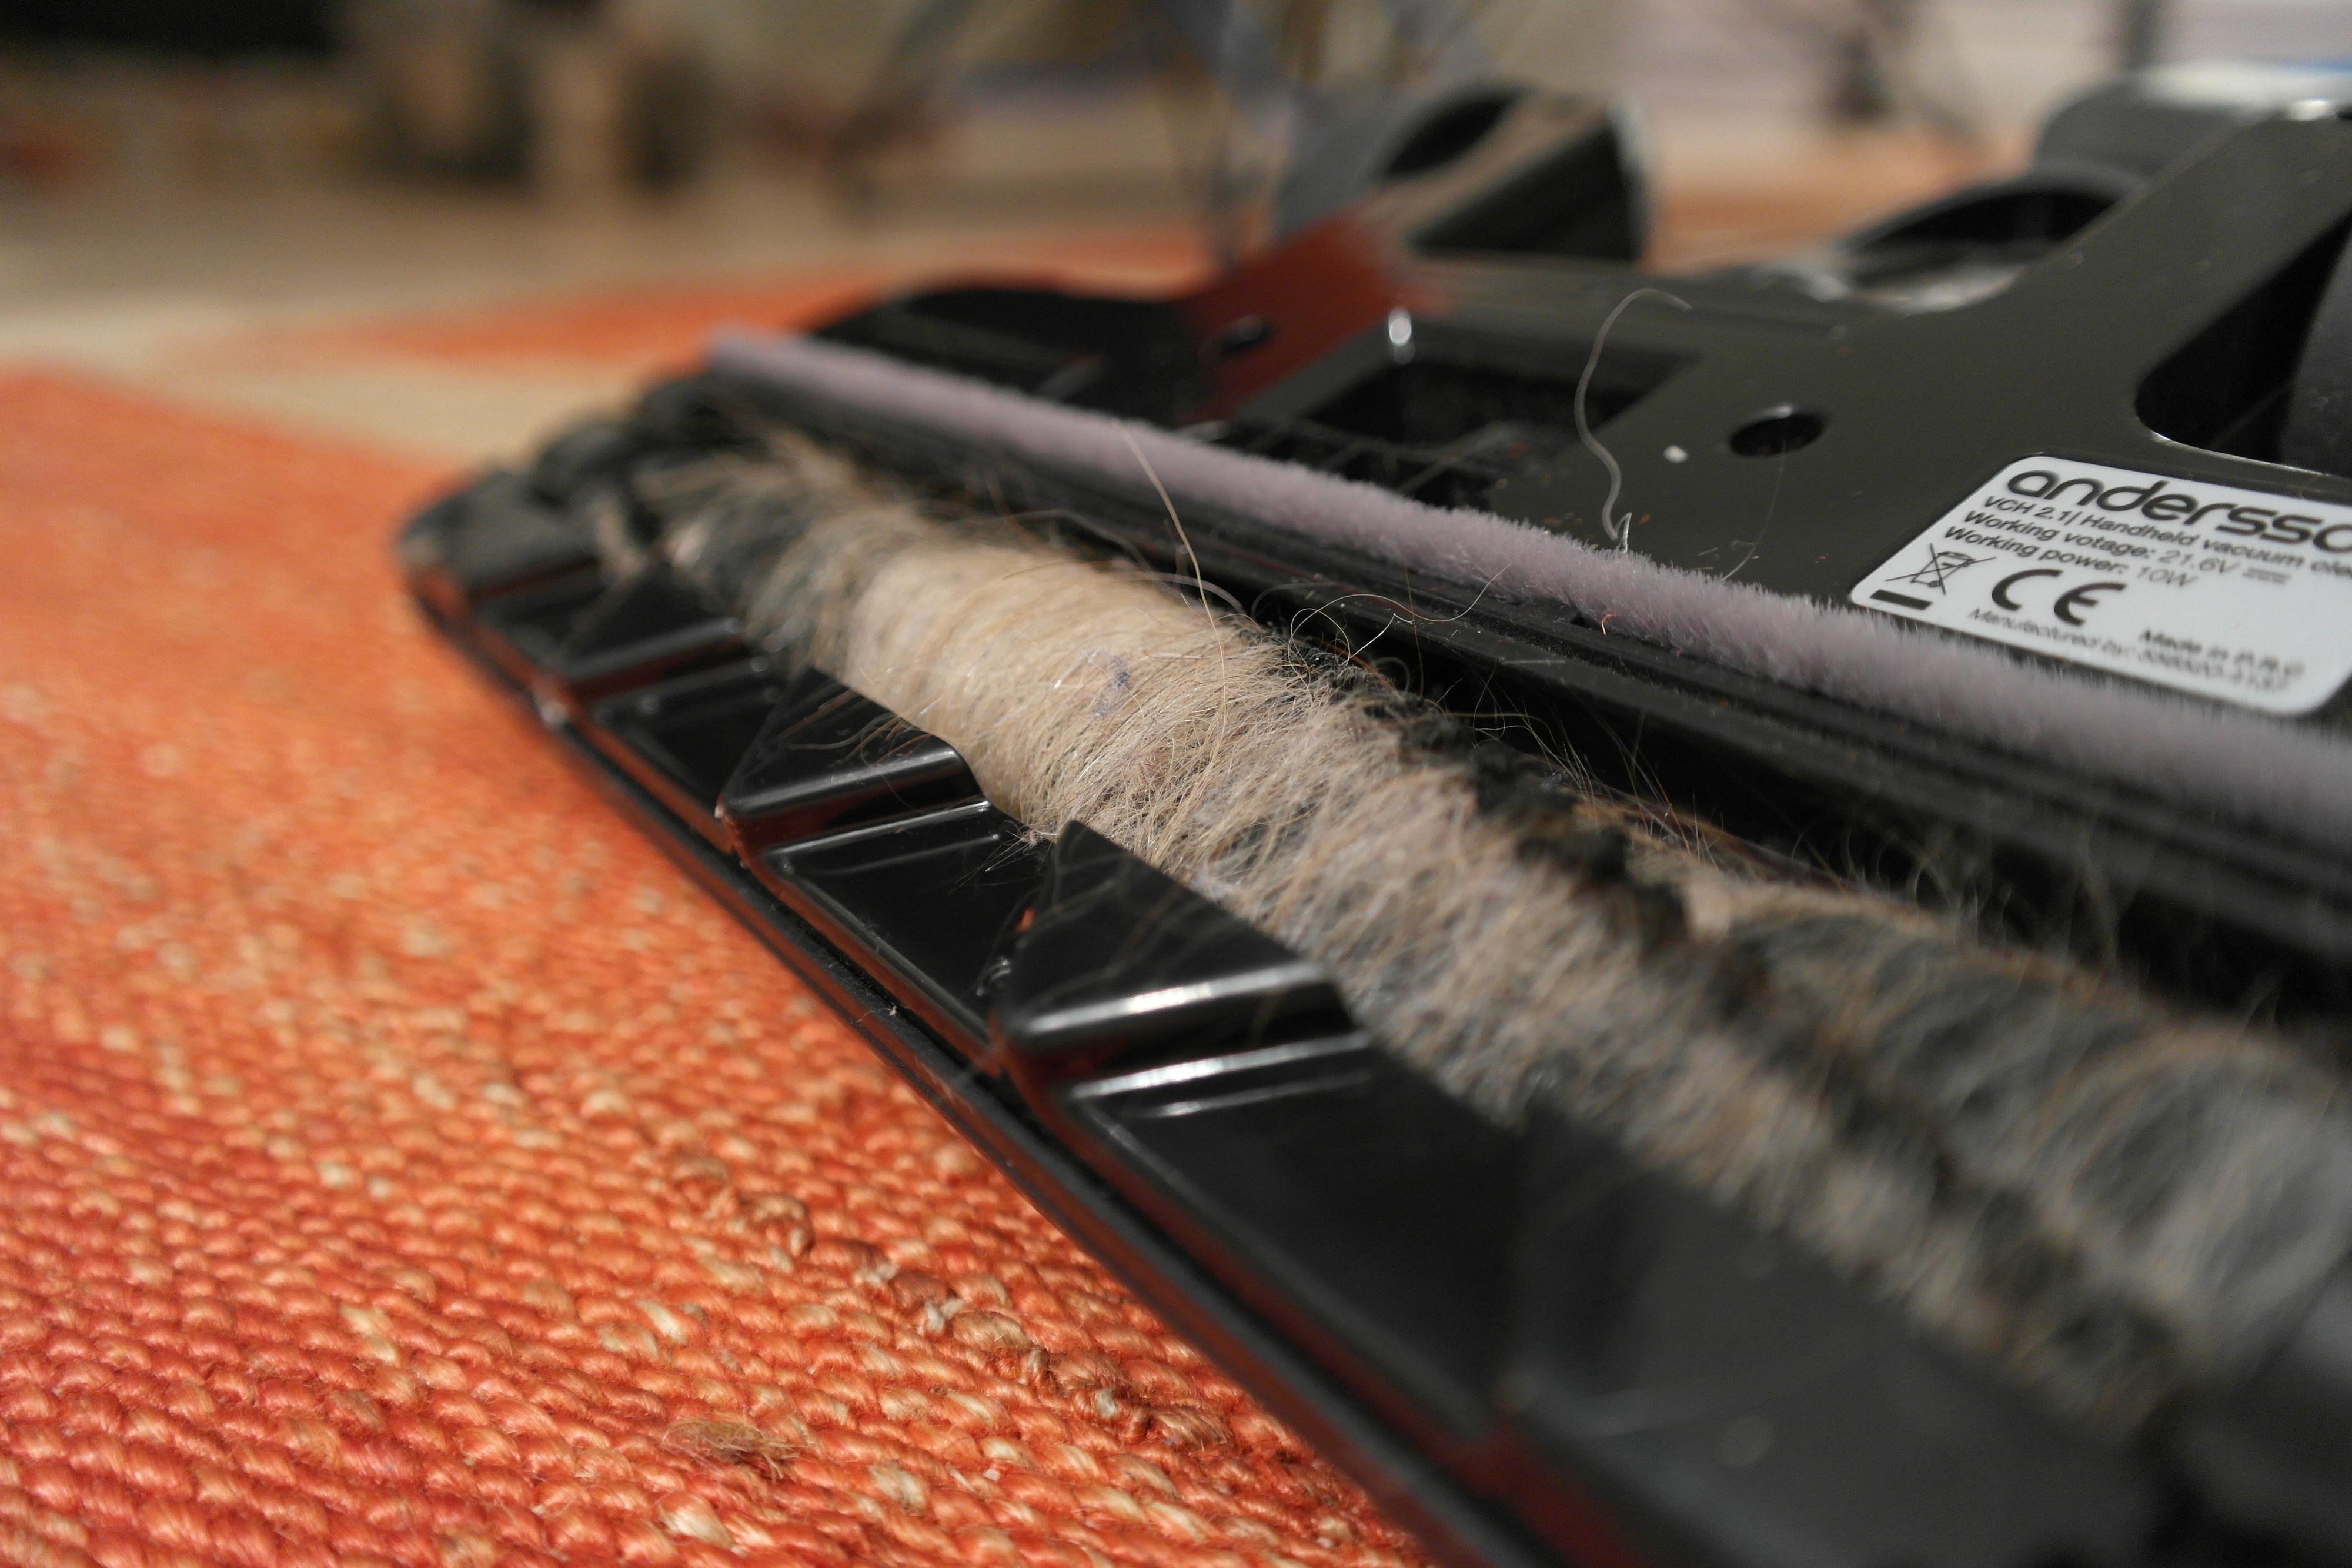 Munnstykket er godt på både tepper og parkett, men dessverre setter det seg fast mye hår